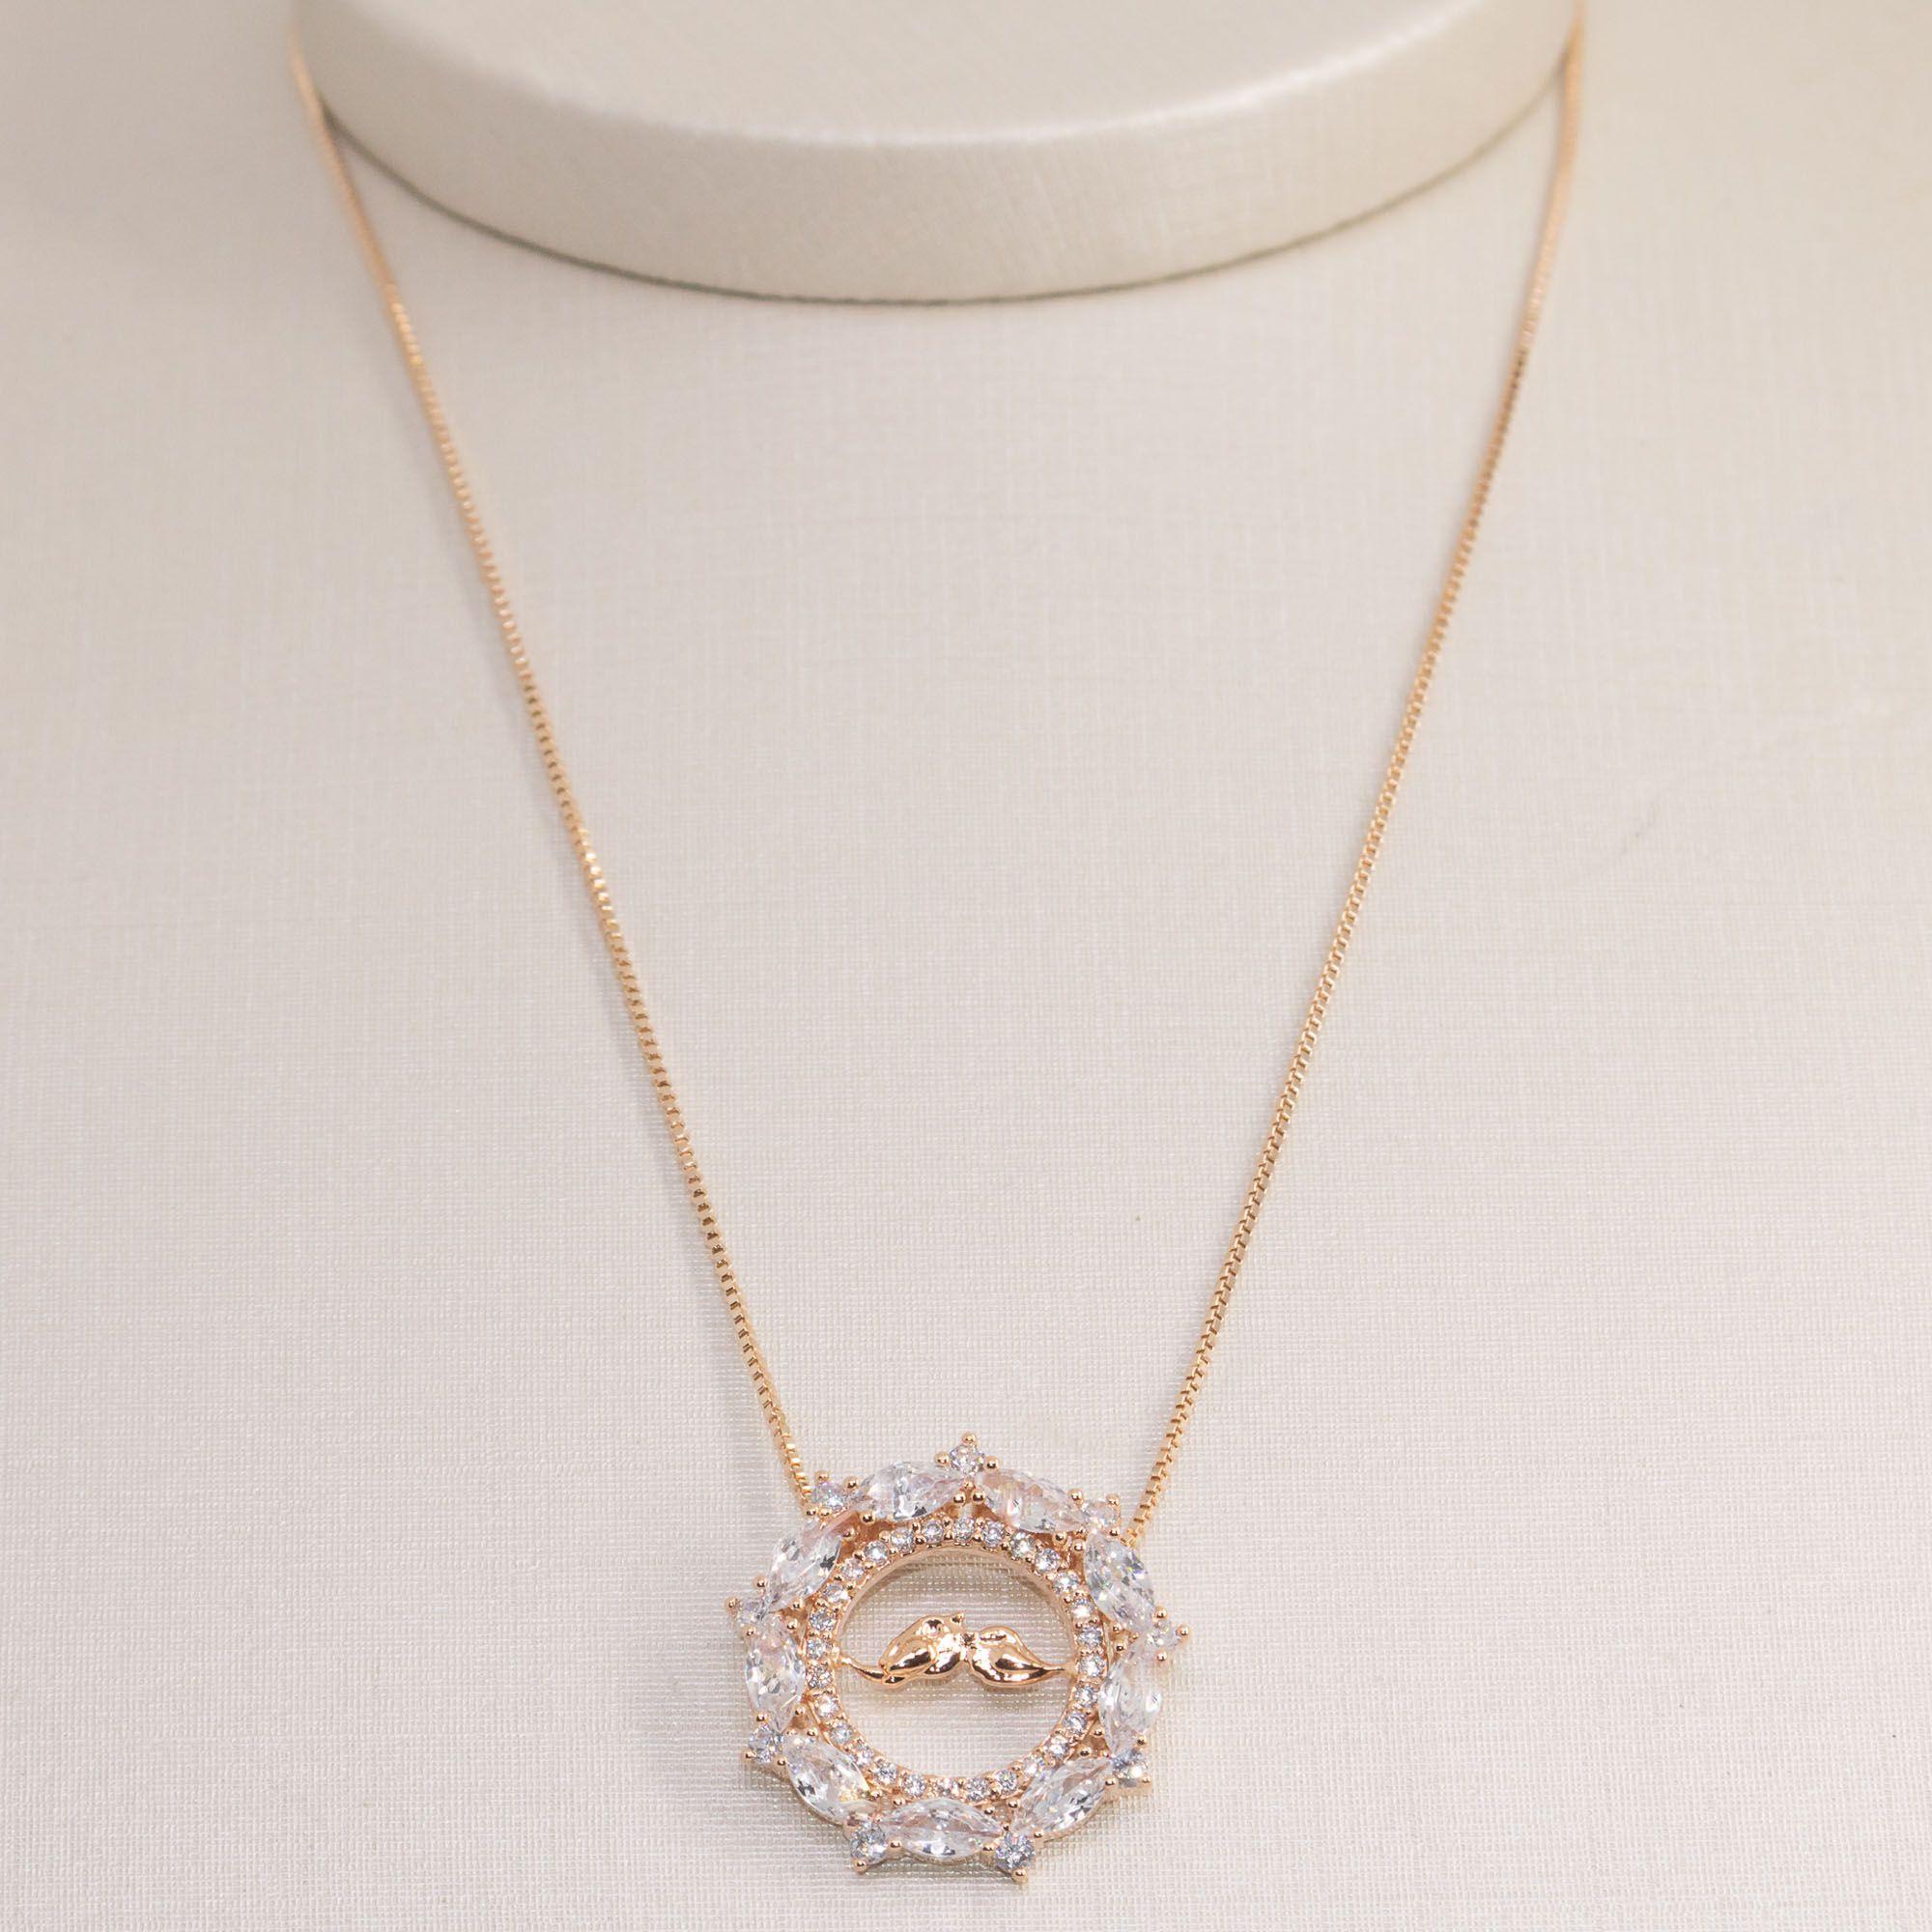 Colar Semi joia  mandalinha Casais  banhado a ouro 18k ou rhodium